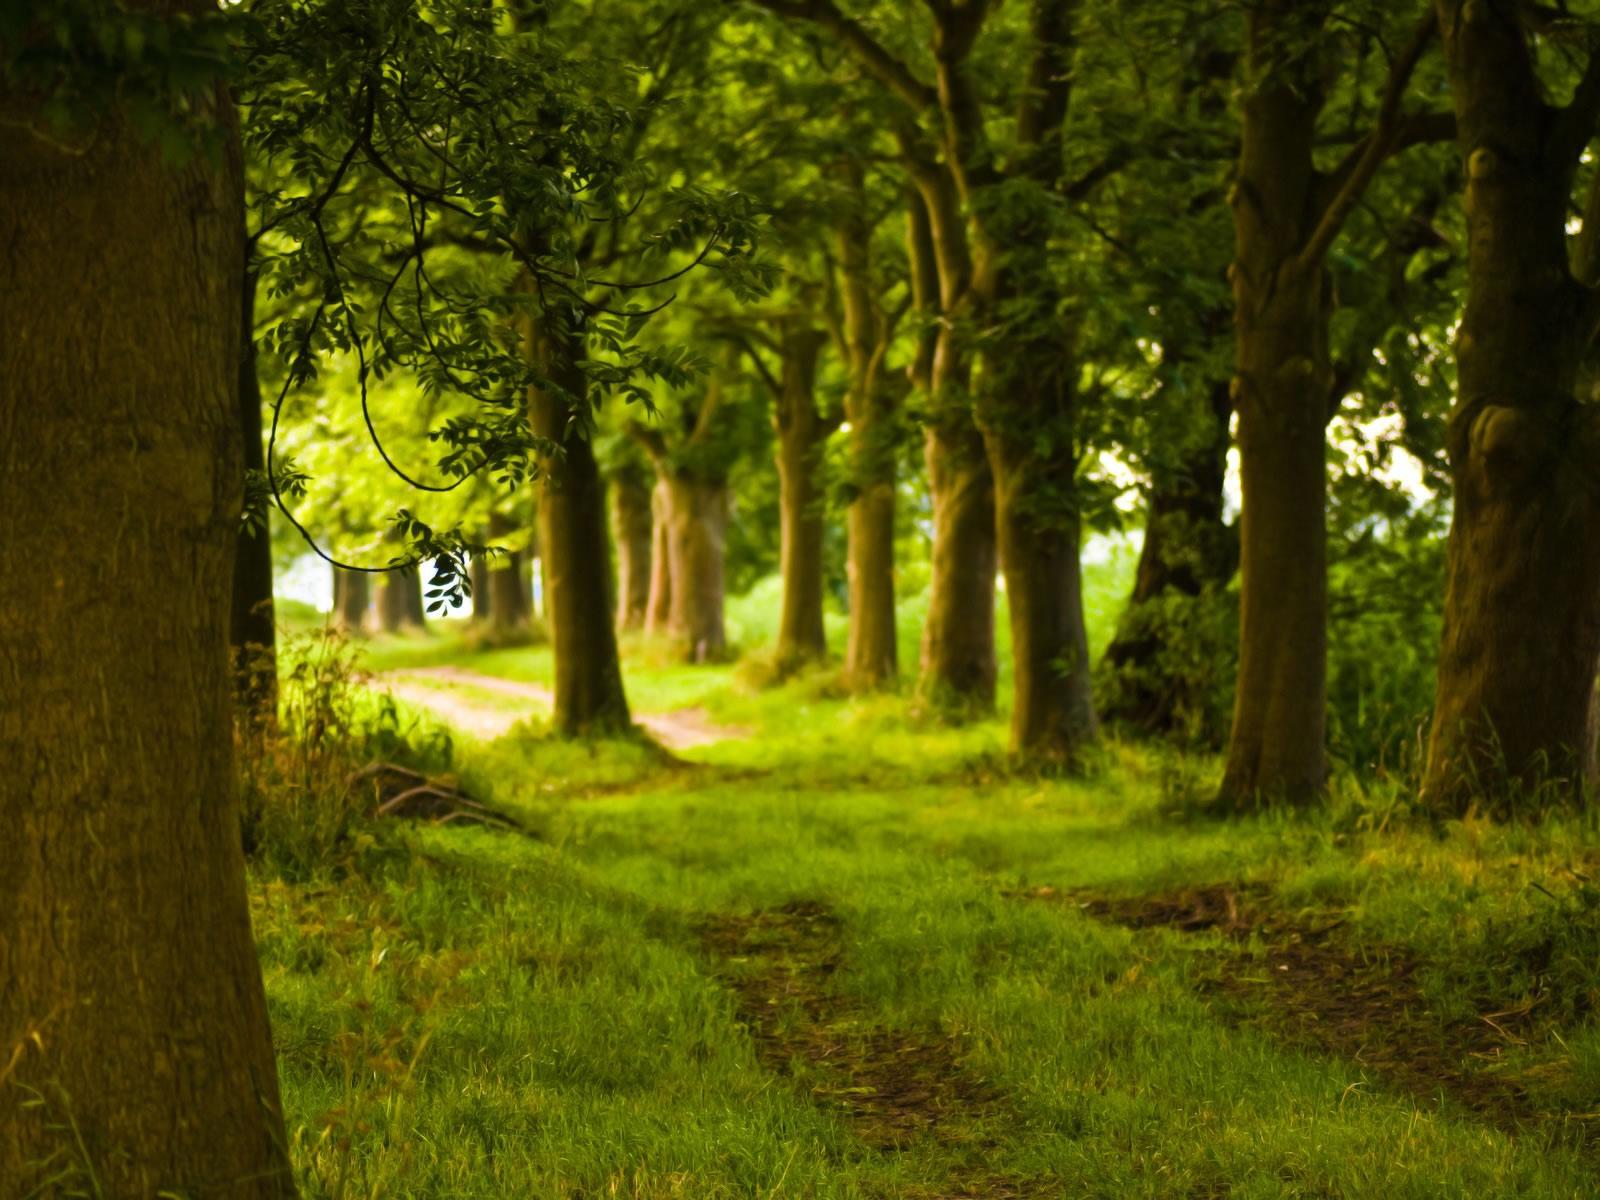 зеленый лес, скачать фото, обои на рабочий стол, деревья